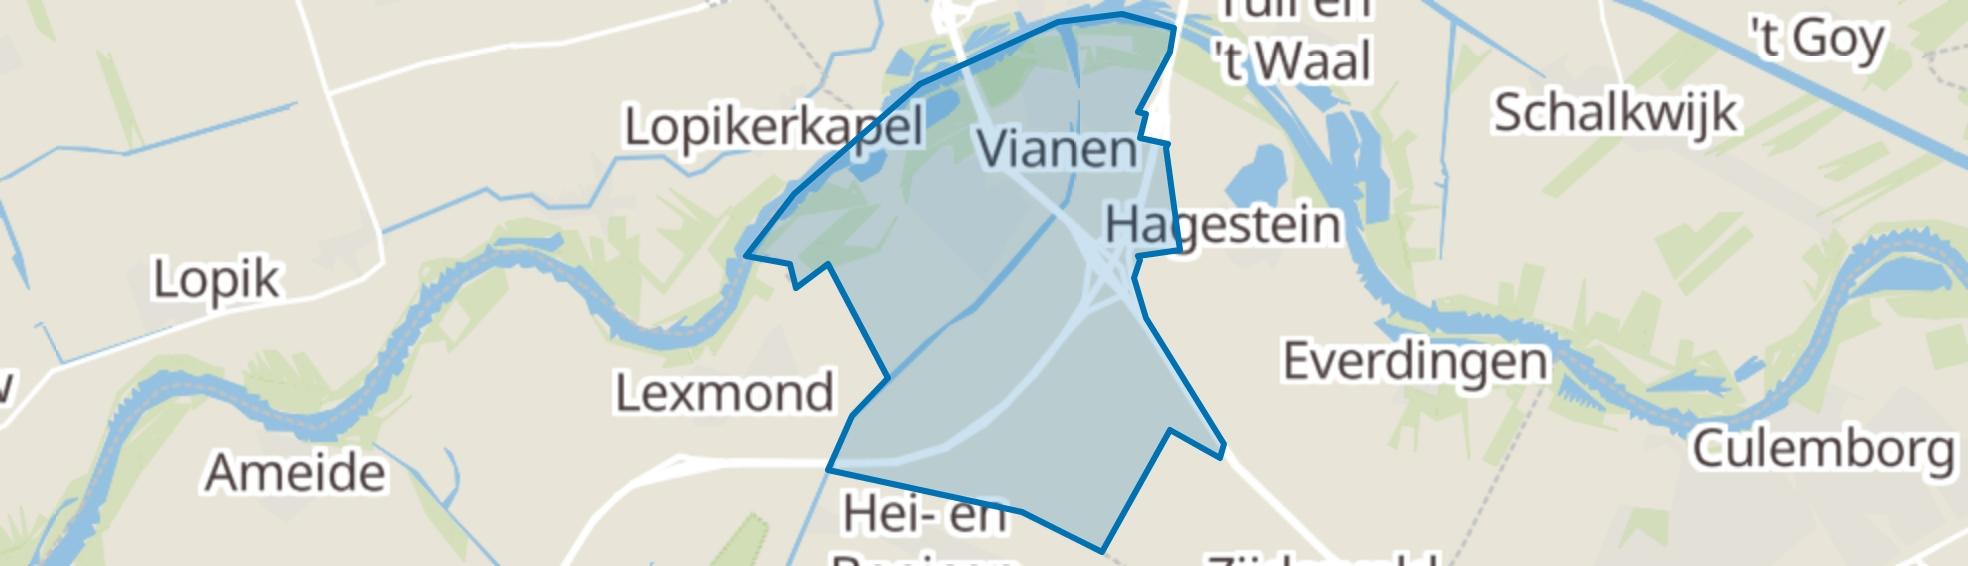 Vianen (UT) map